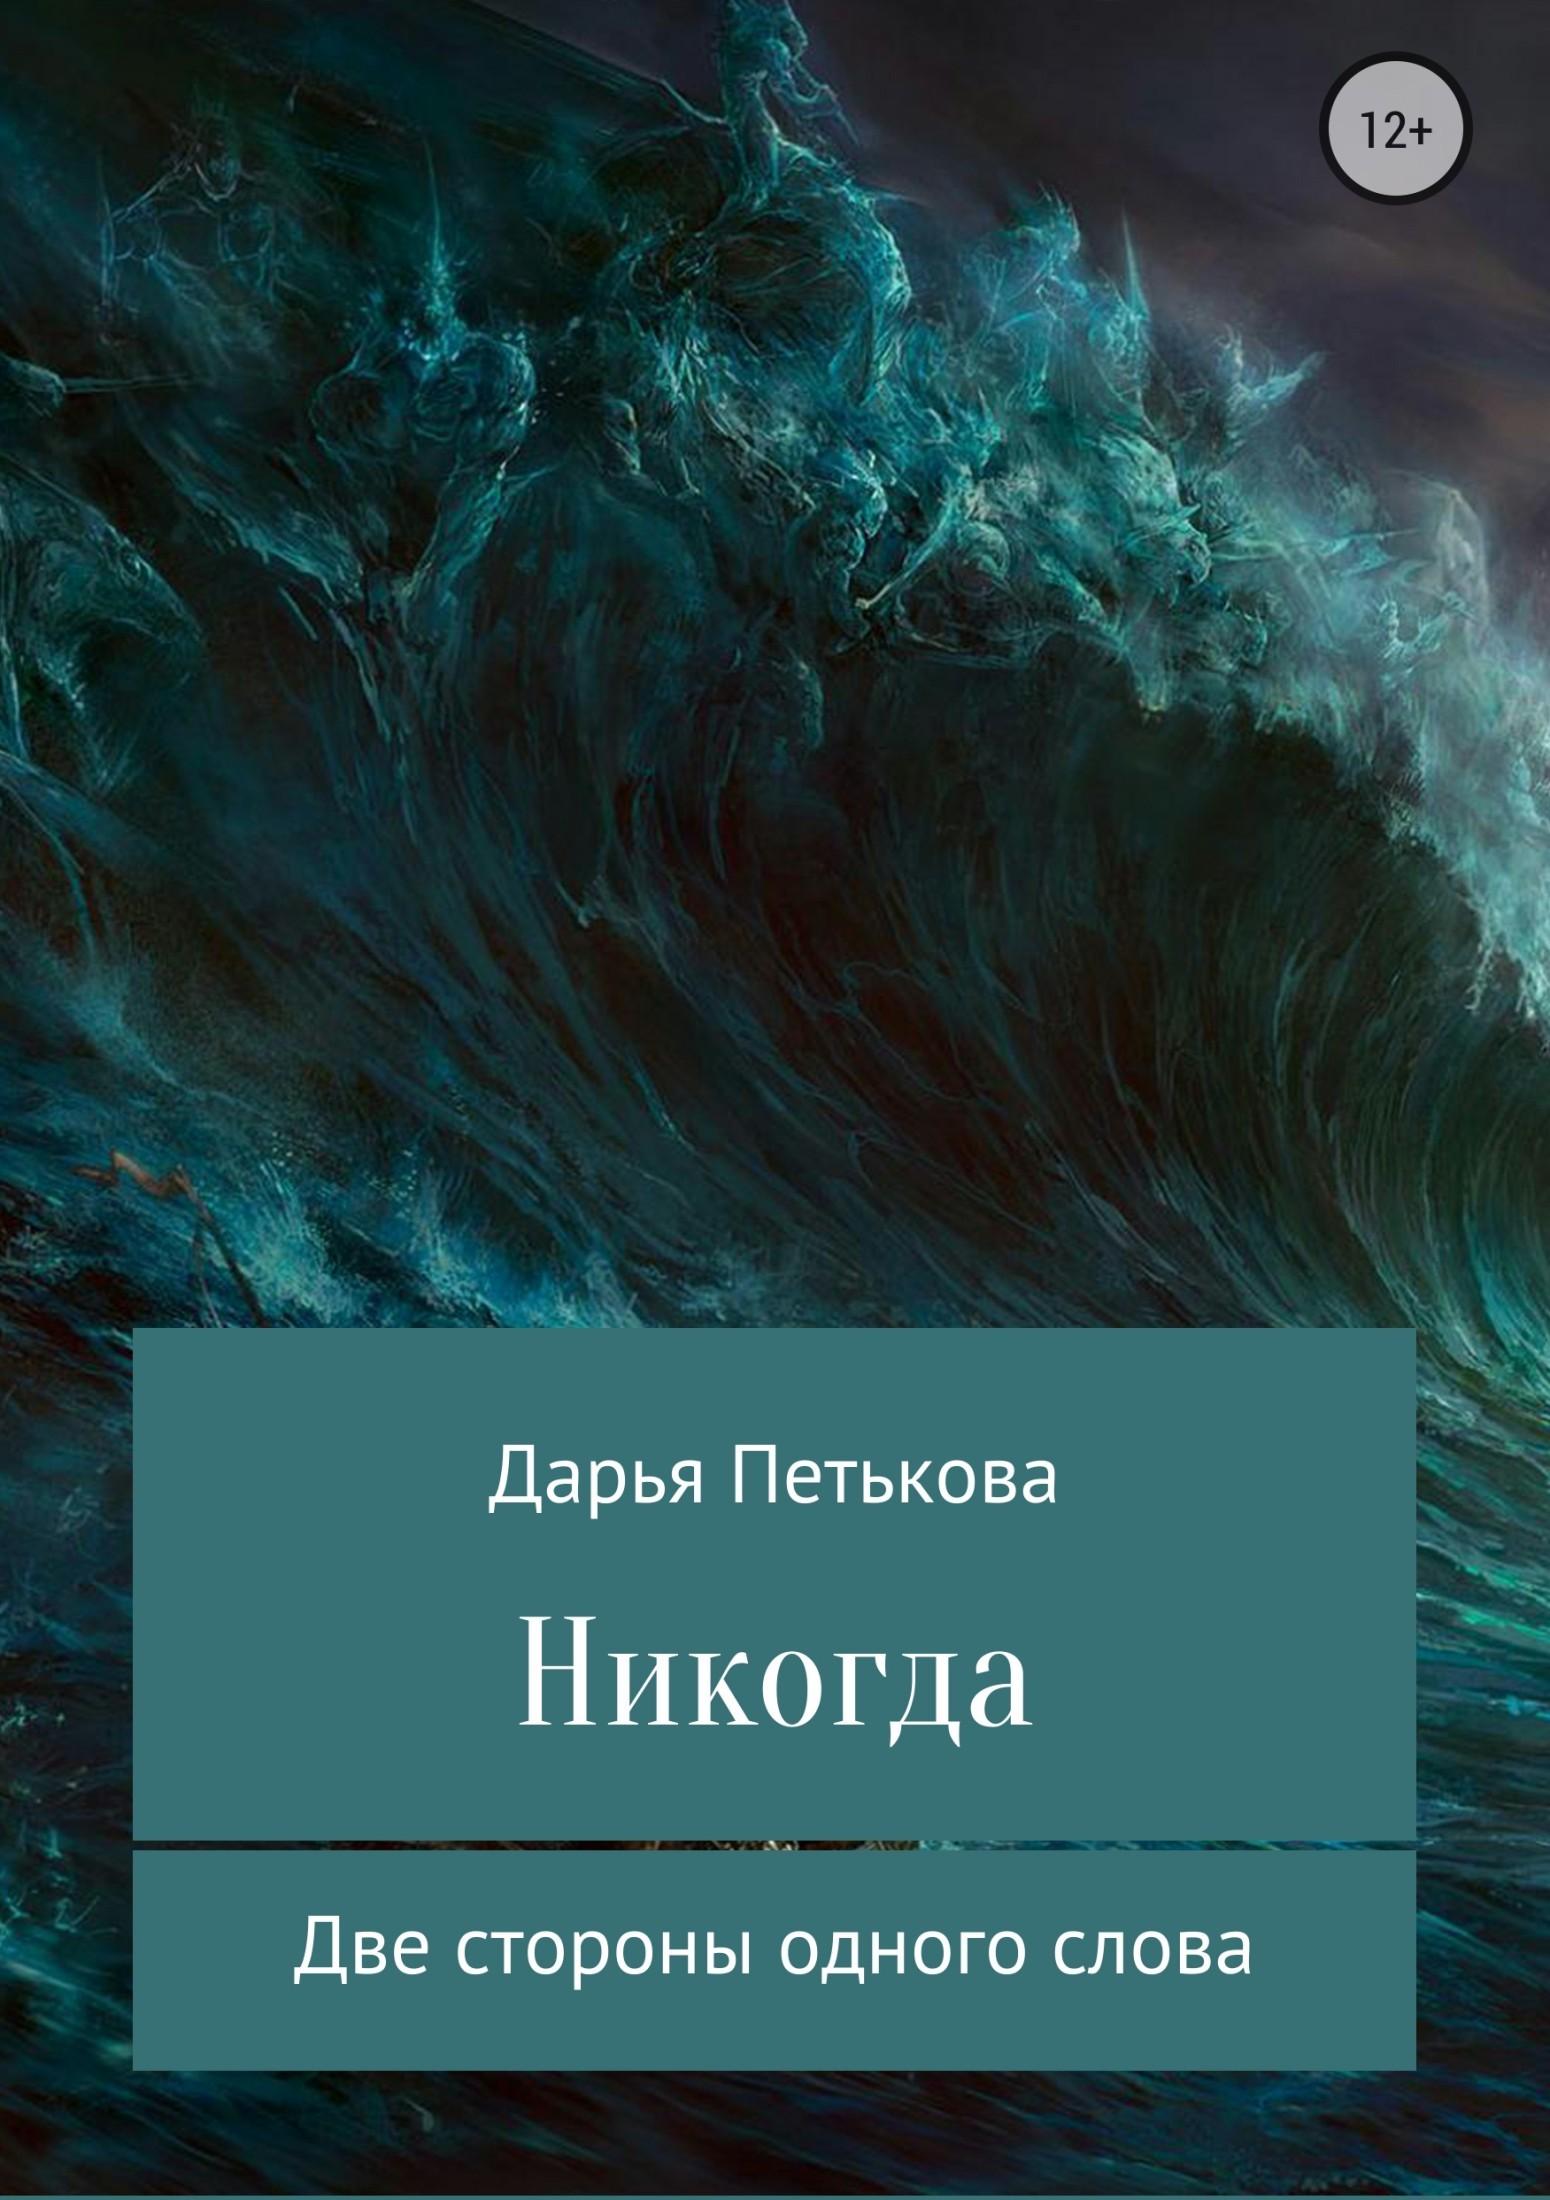 Дарья Александровна Петькова Никогда какое слово написать что бы захотели